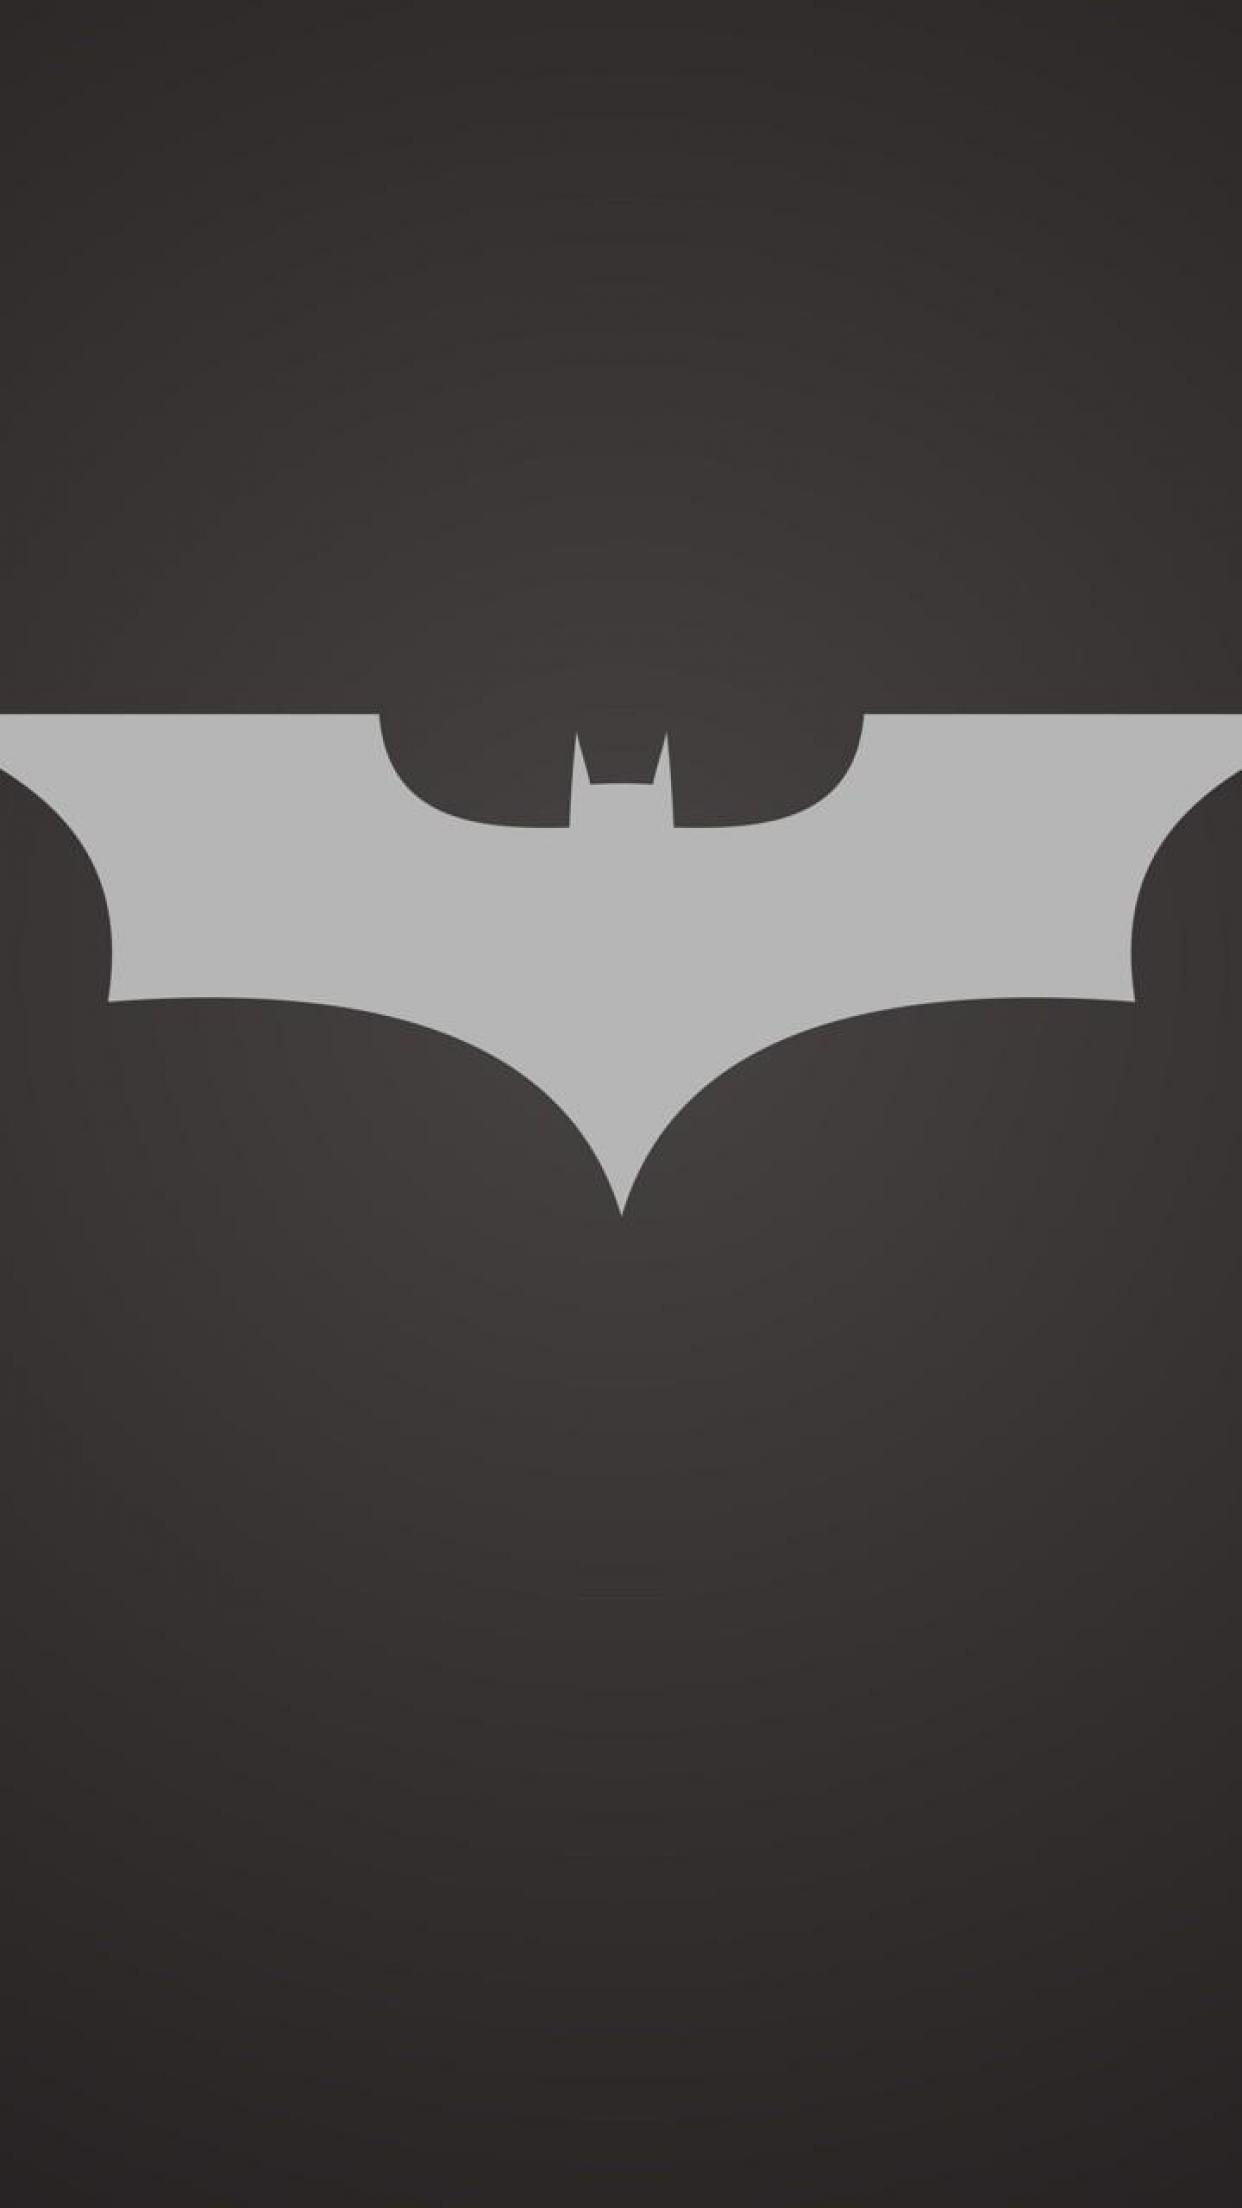 58 582122 apple watch batman logo